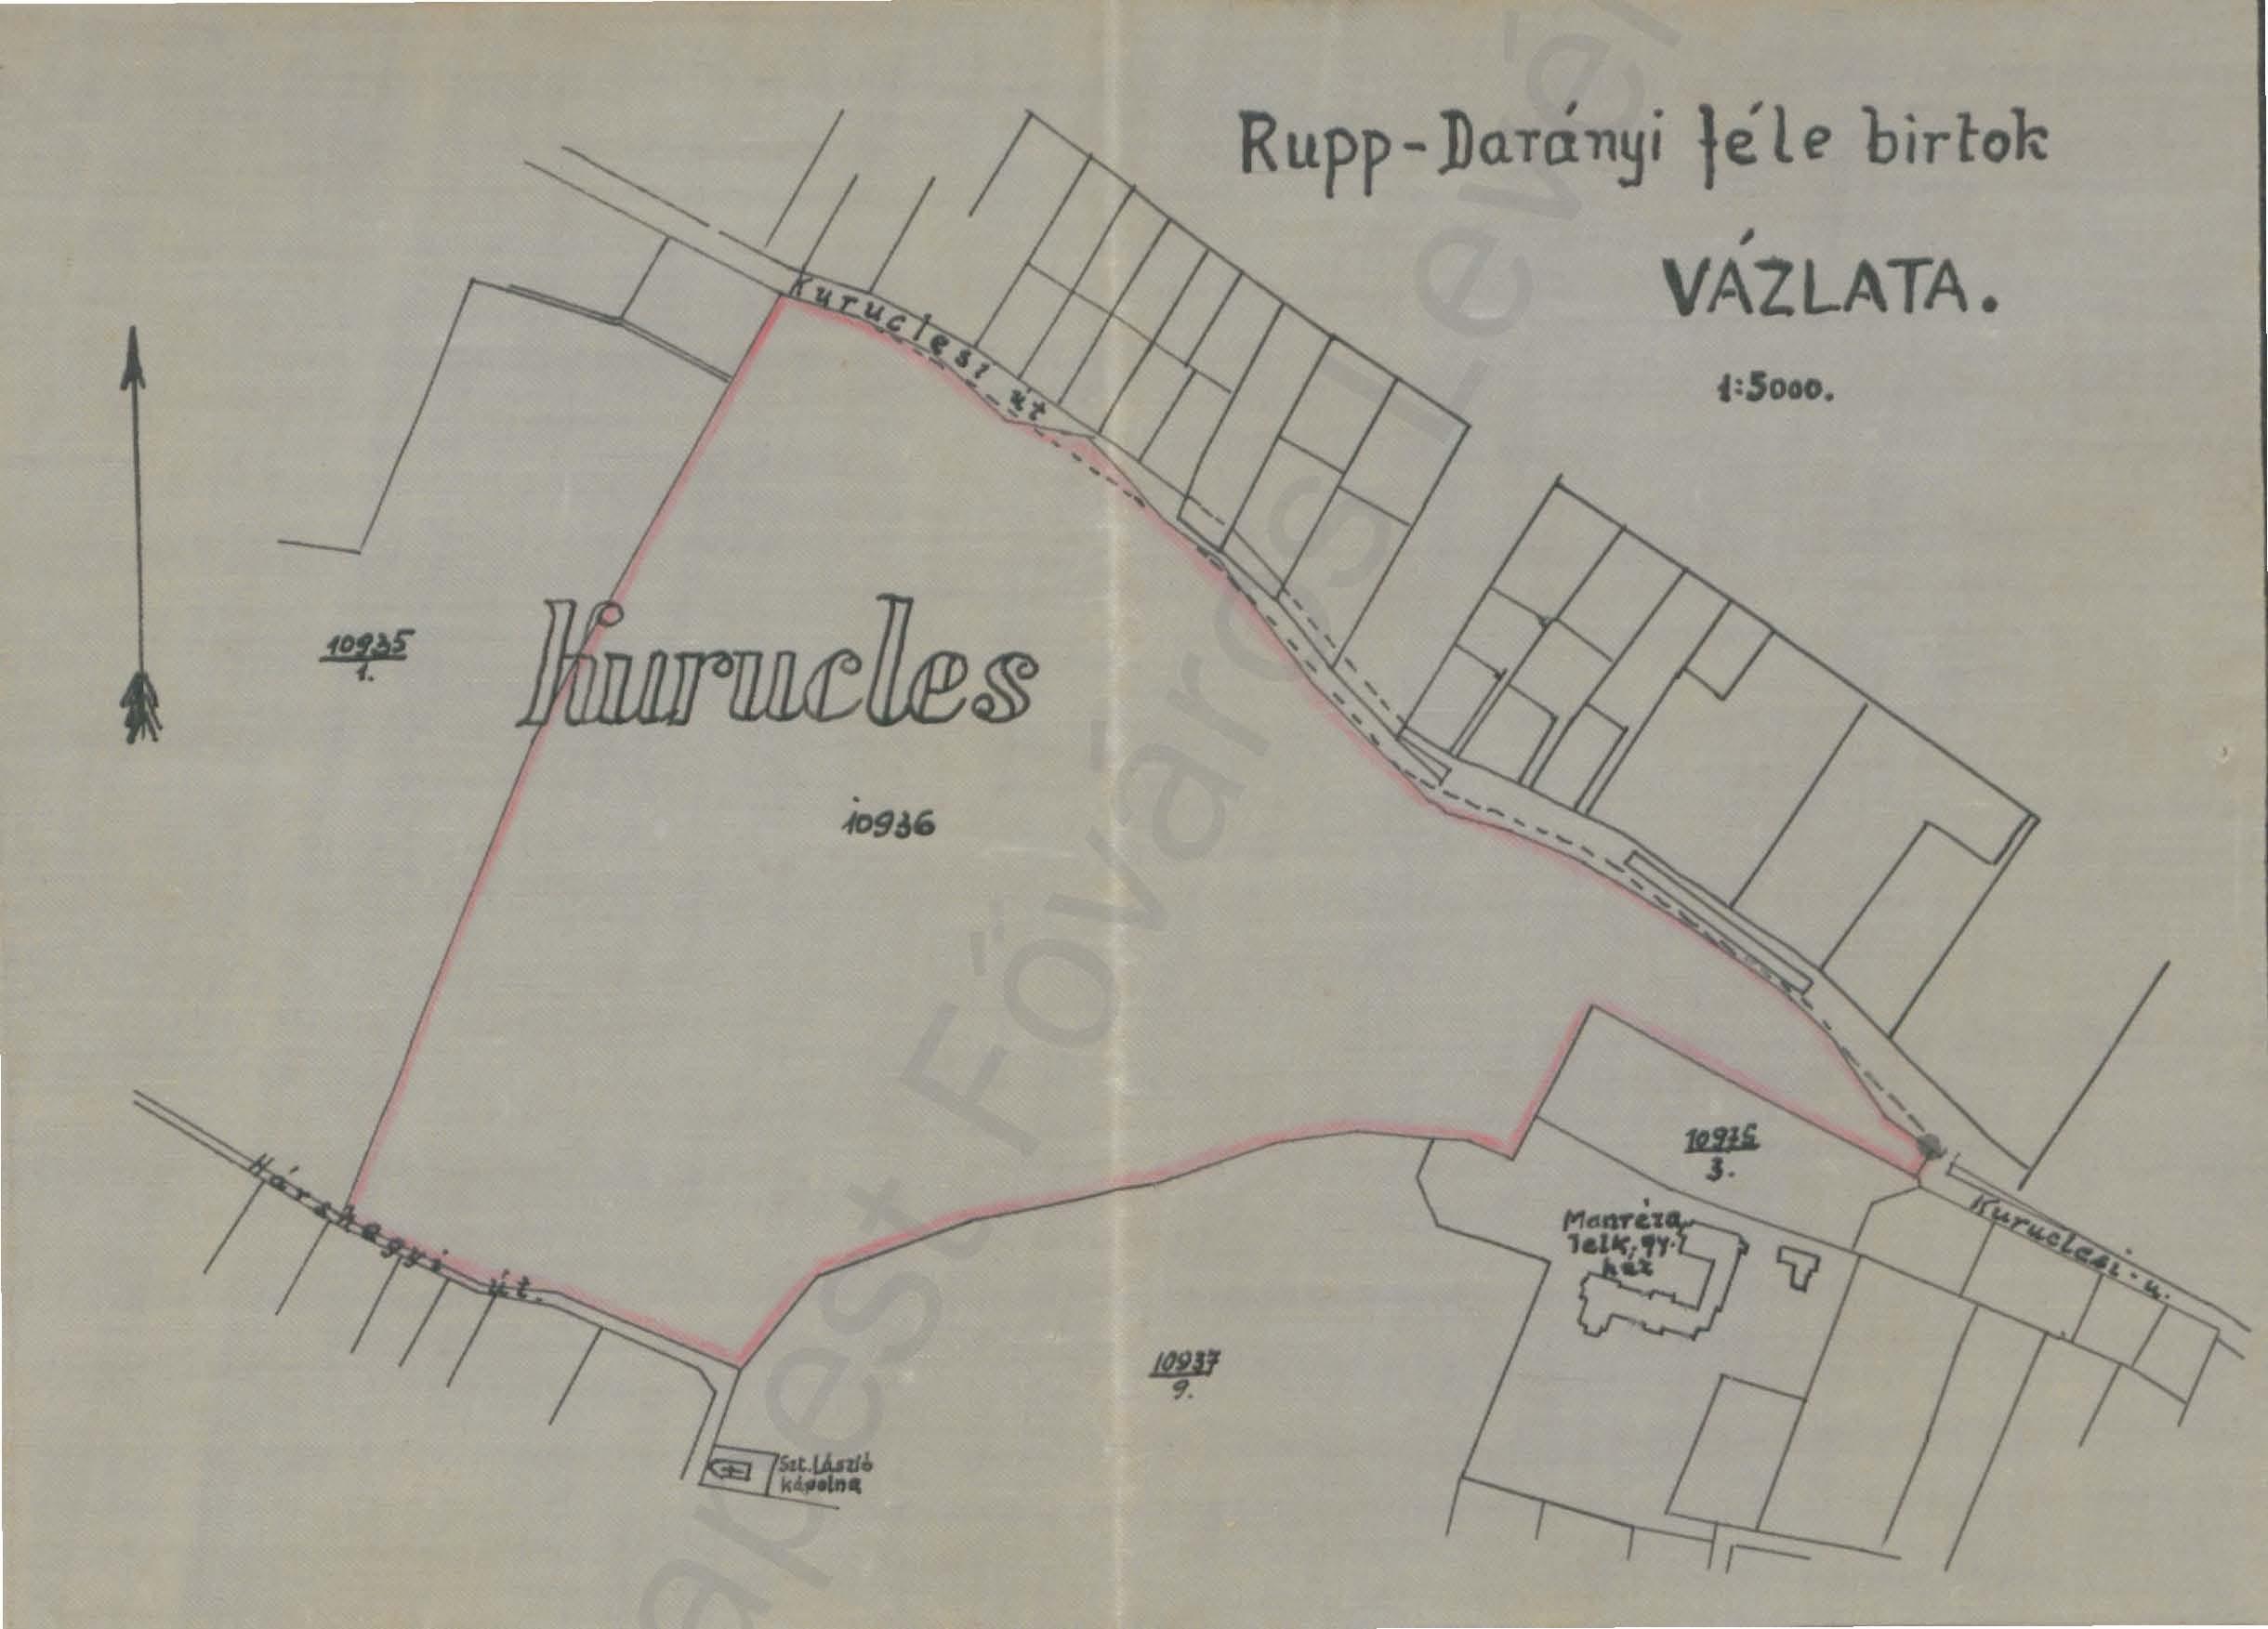 2. kép. A Kuruclesen a székesfőváros birtokában lévő terület vázlatrajza 1945-ből (HU BFL IV.1409.c XI. 1256/1945)